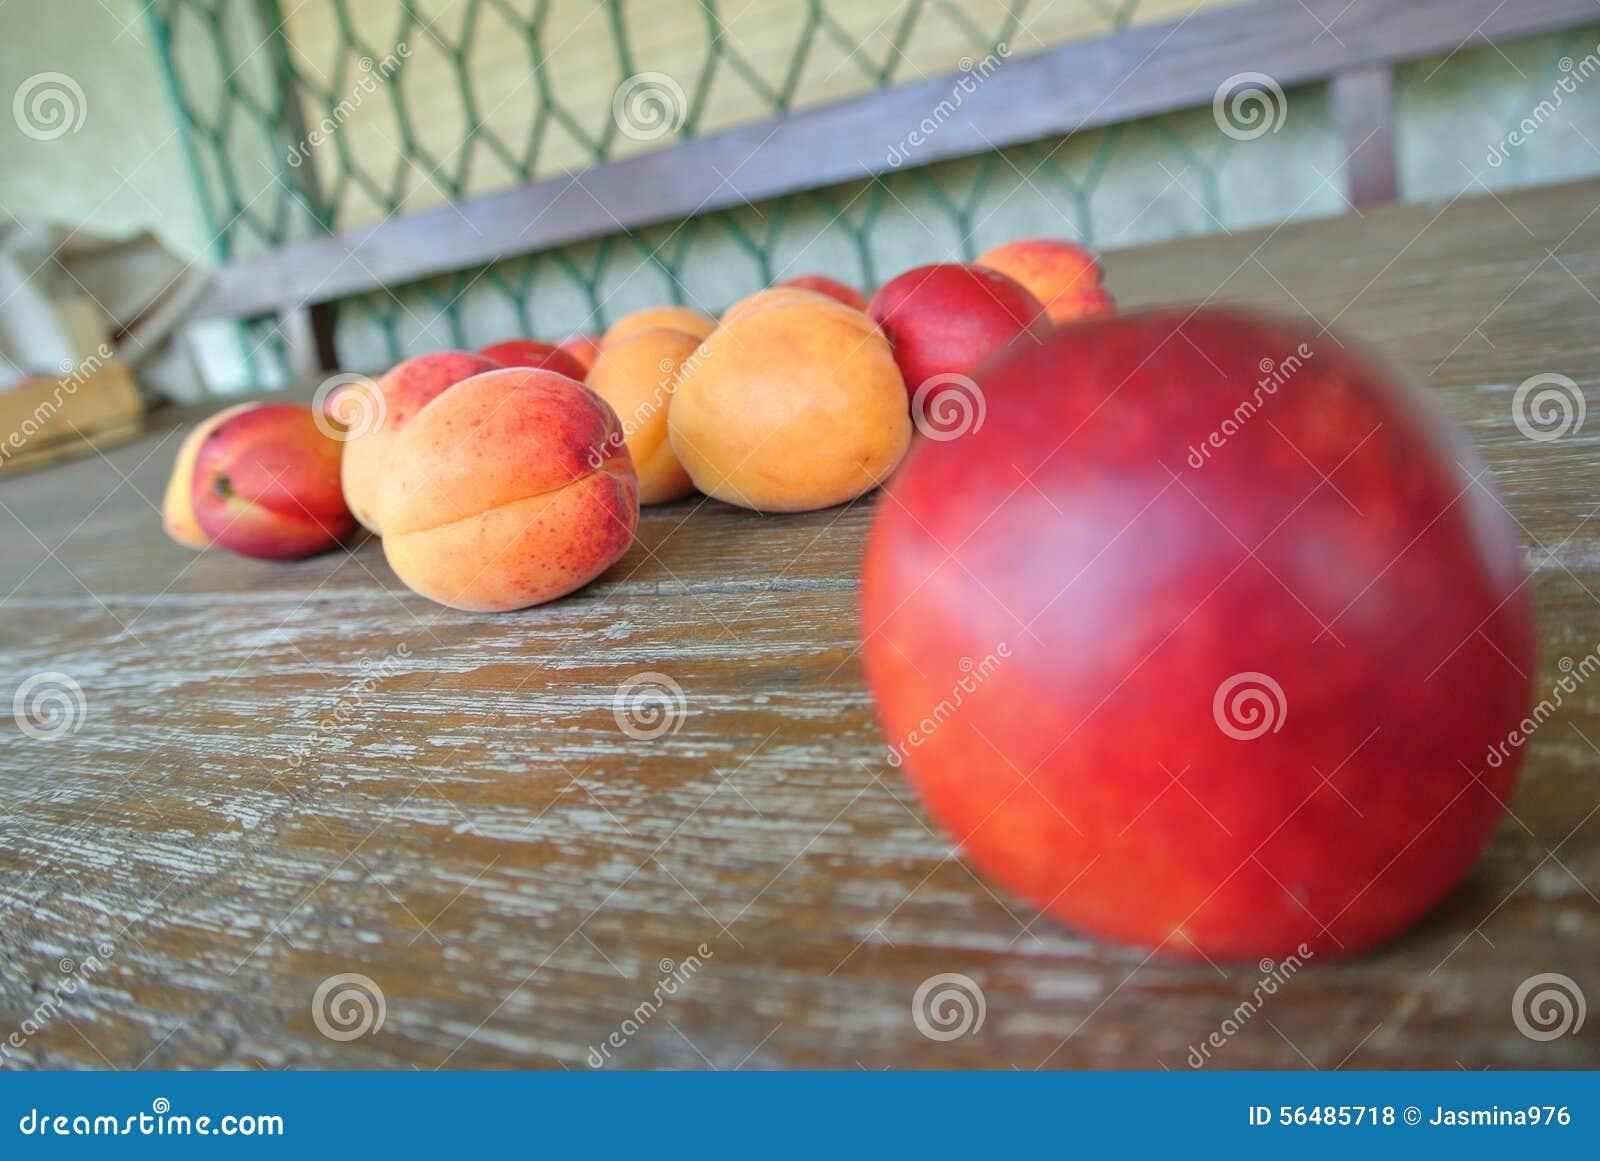 Nectarine rouge mûre et abricots oranges sur la table en bois rustique